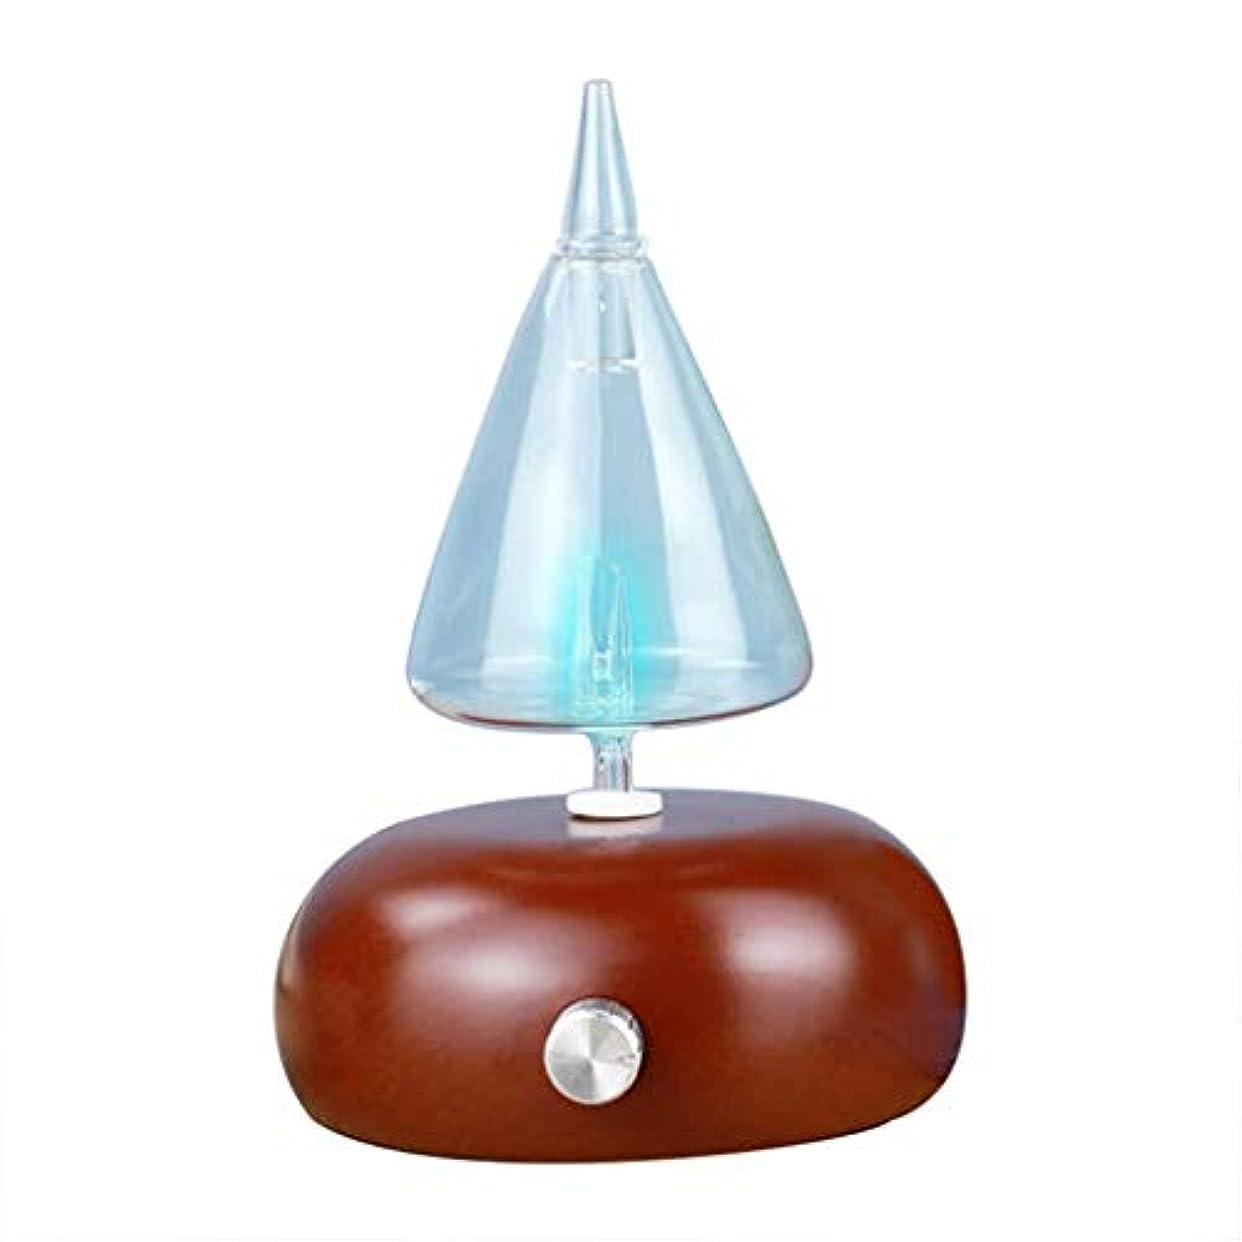 論争的生活バウンドアロマテラピーマシン、ガラスエッセンシャルオイルディフューザー、超音波加湿器、ウッドグレインアロマテラピーディフューザーマシン、LEDライトを変える7色